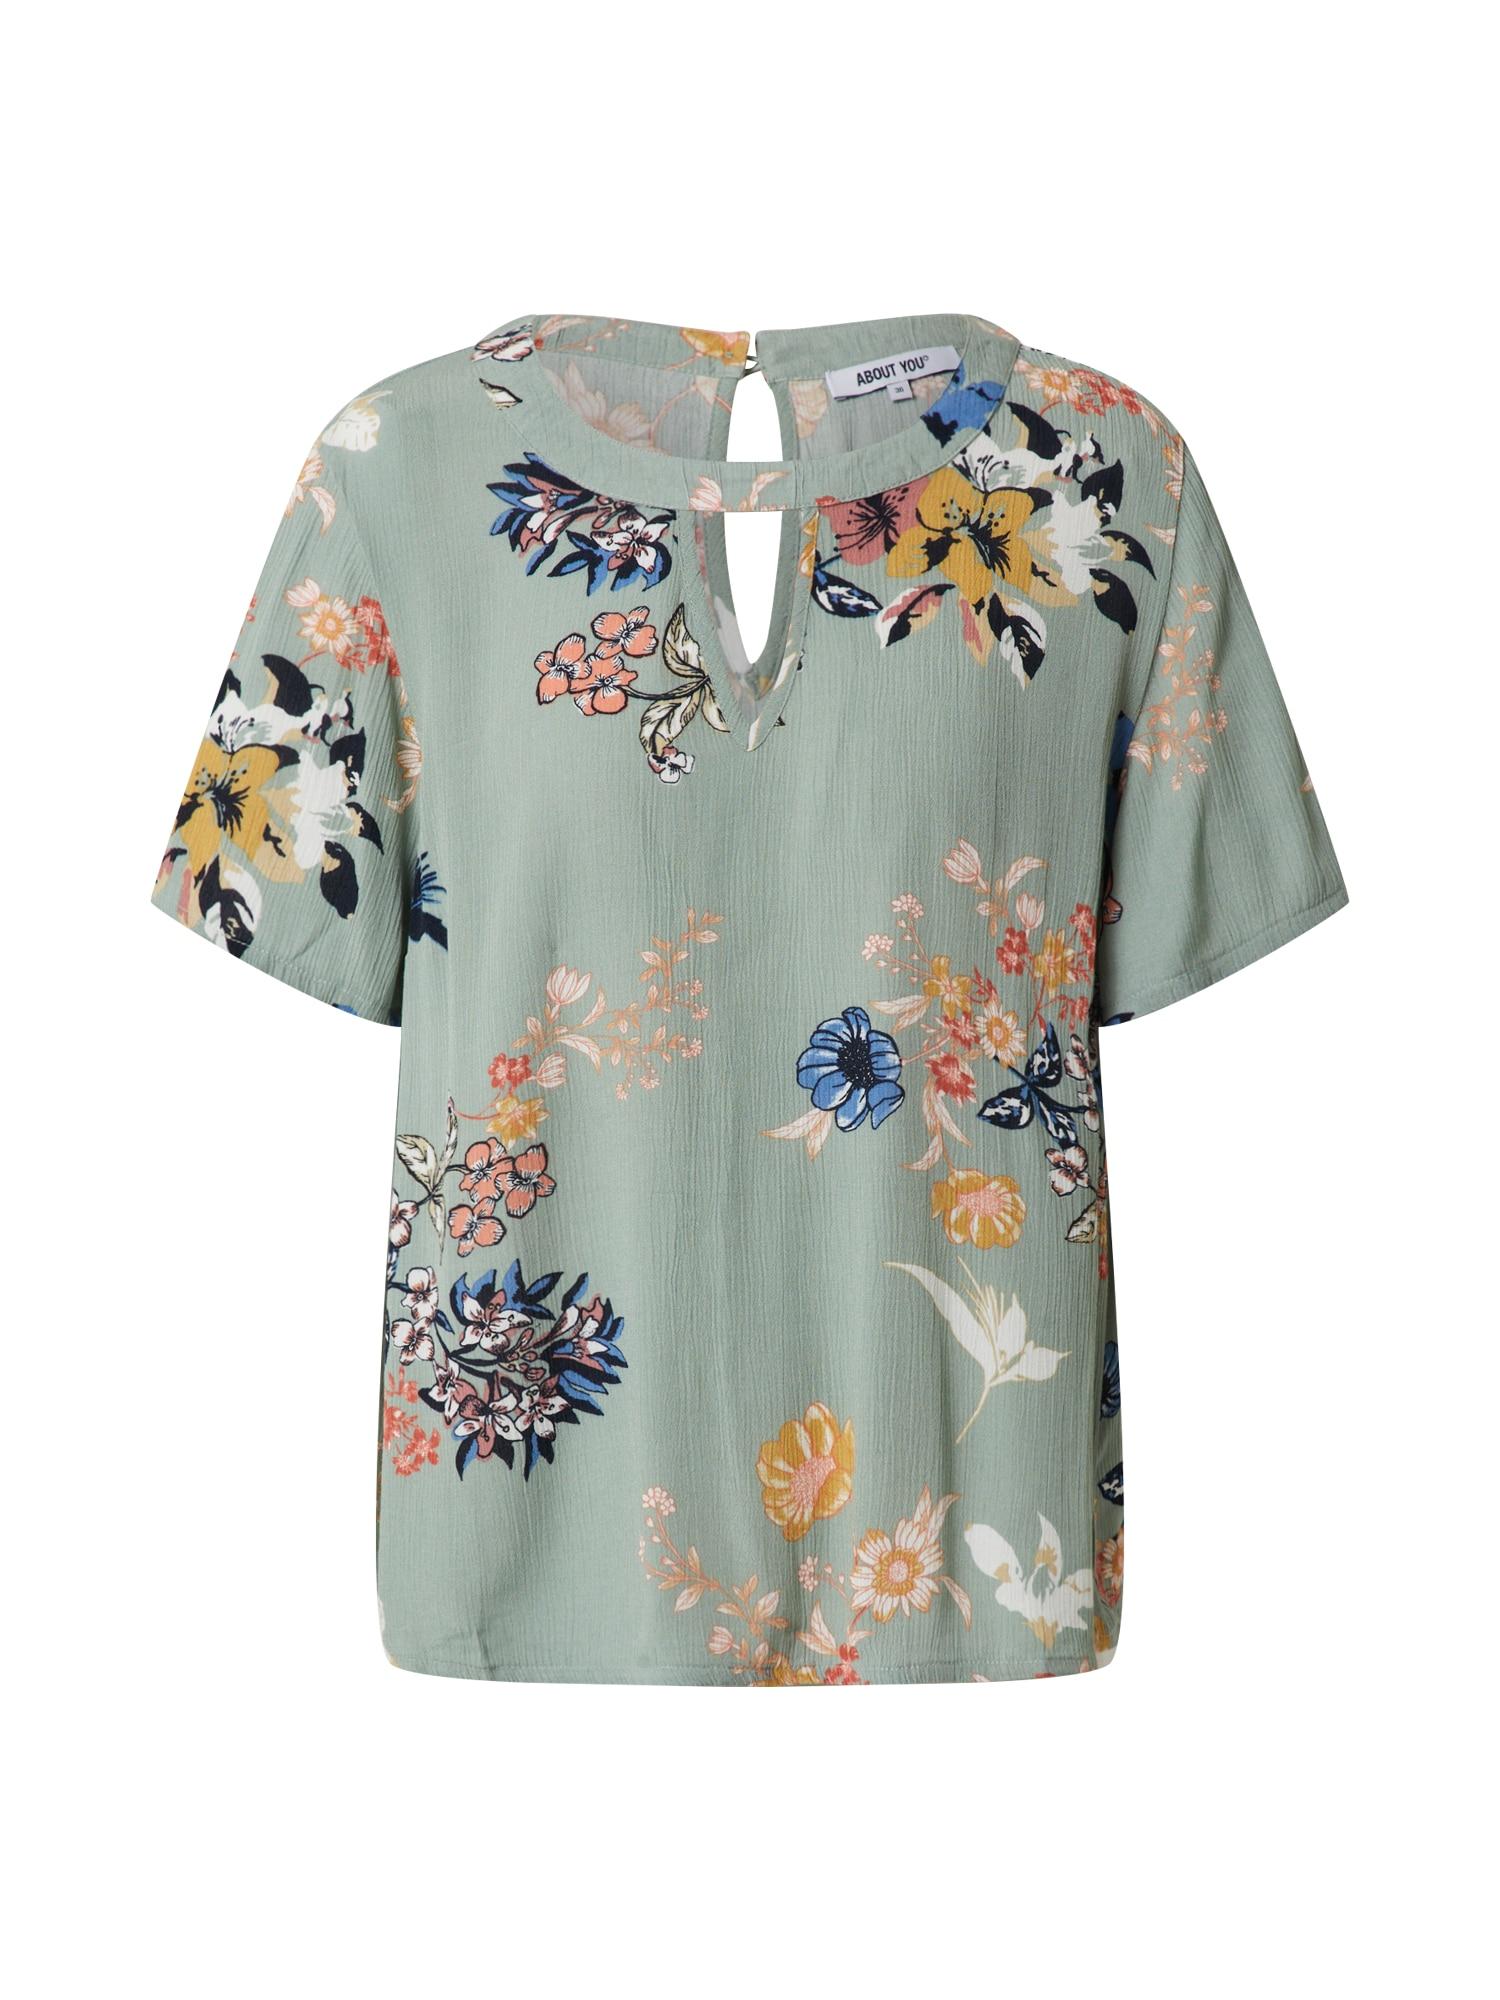 ABOUT YOU Marškinėliai 'Danai' mišrios spalvos